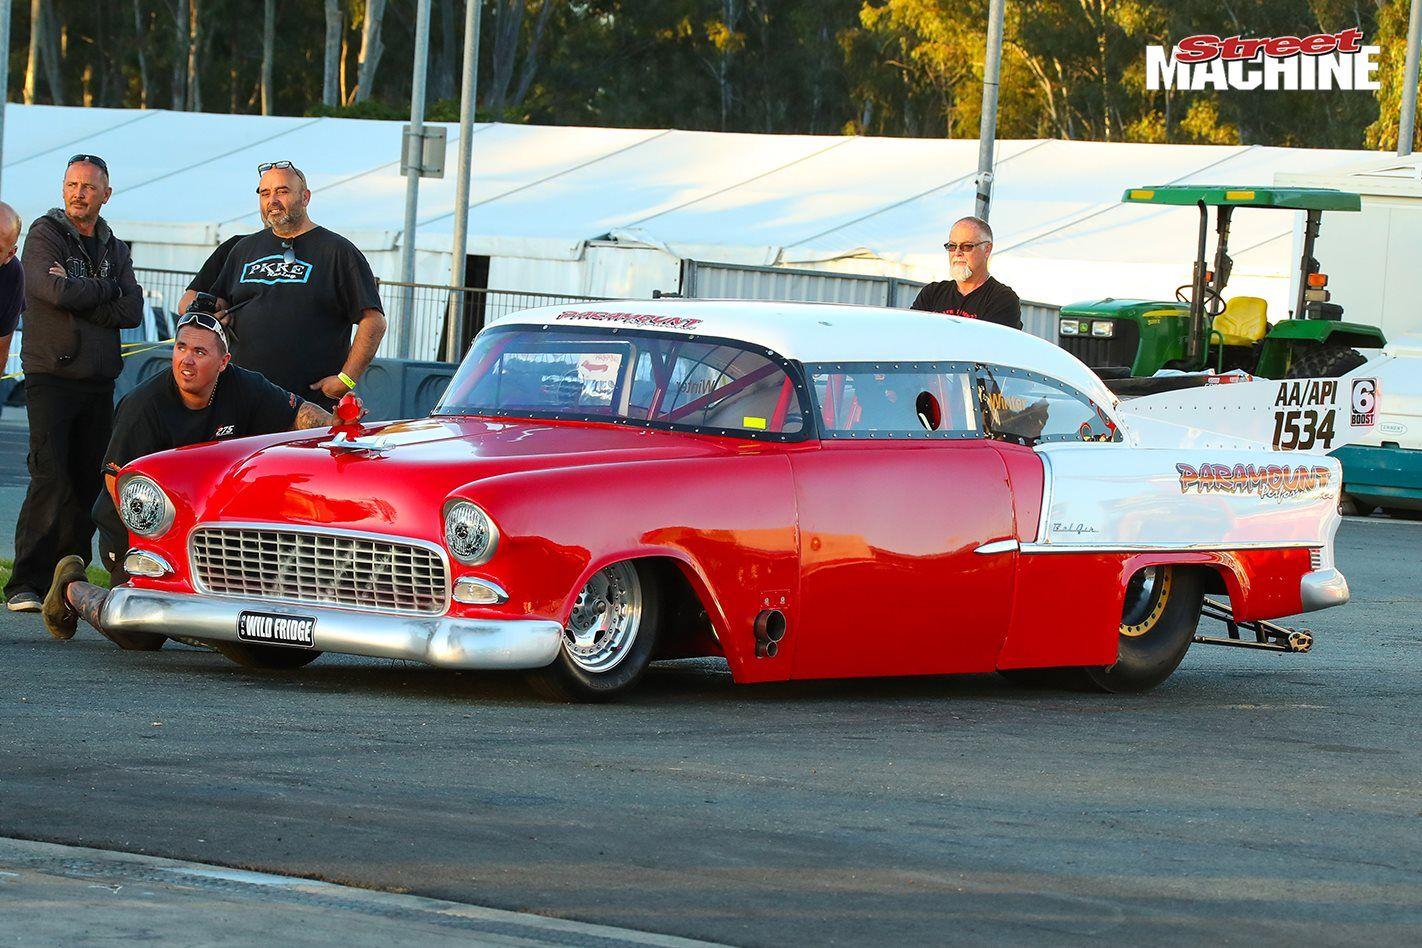 TERRY SENG RACES LES WINTER\'S 1955 CHEVY TOP DOORSLAMMER | Street ...